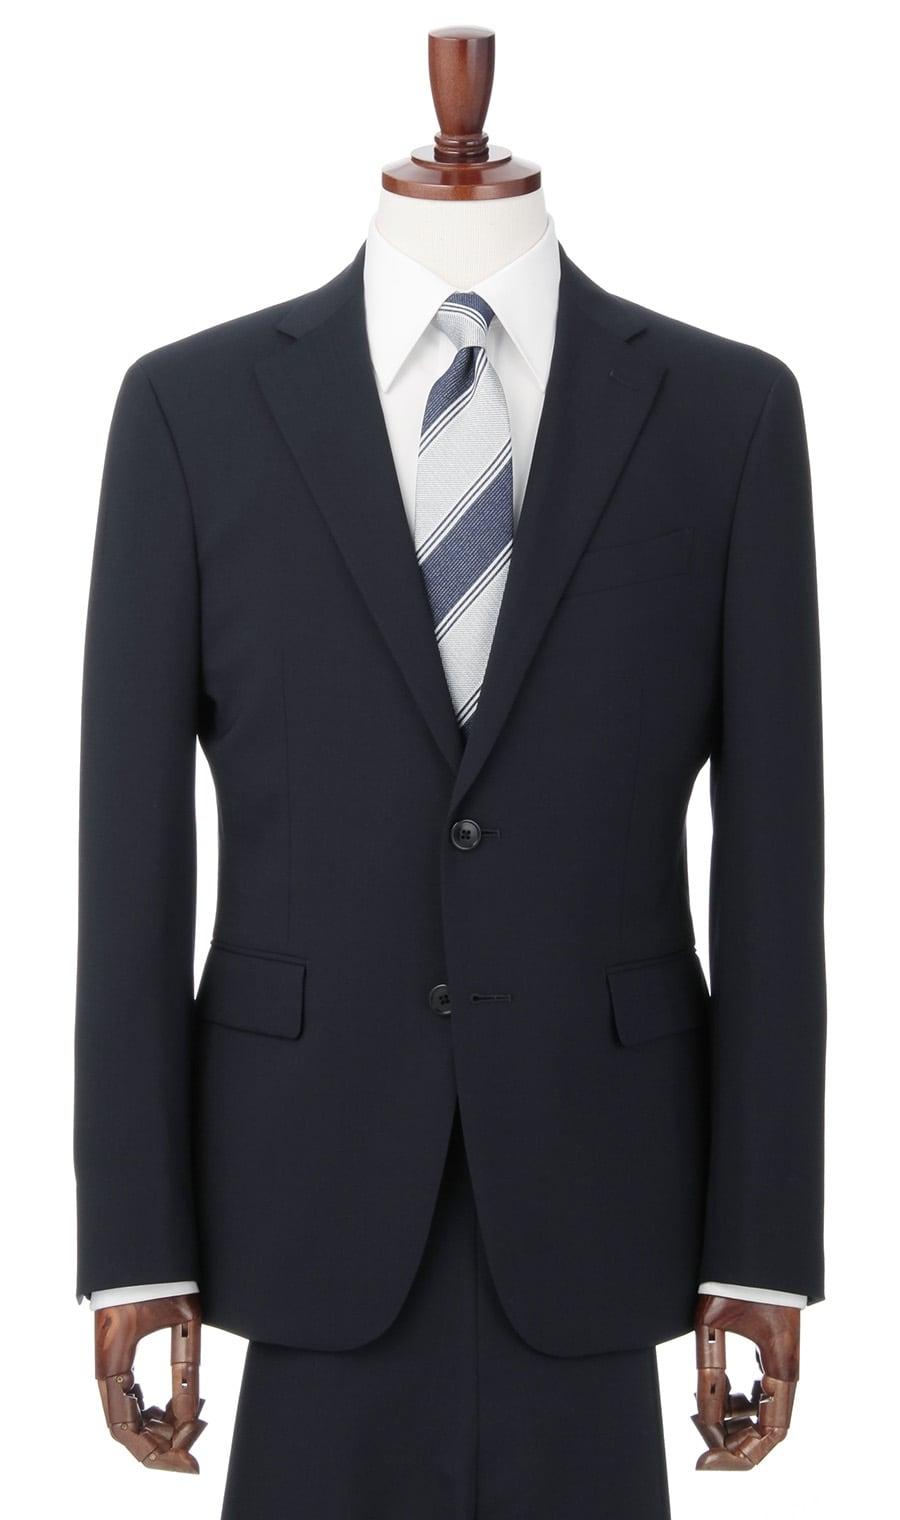 RITORNO【ウォッシャブル】ストレッチツーパンツスタイリッシュスーツ